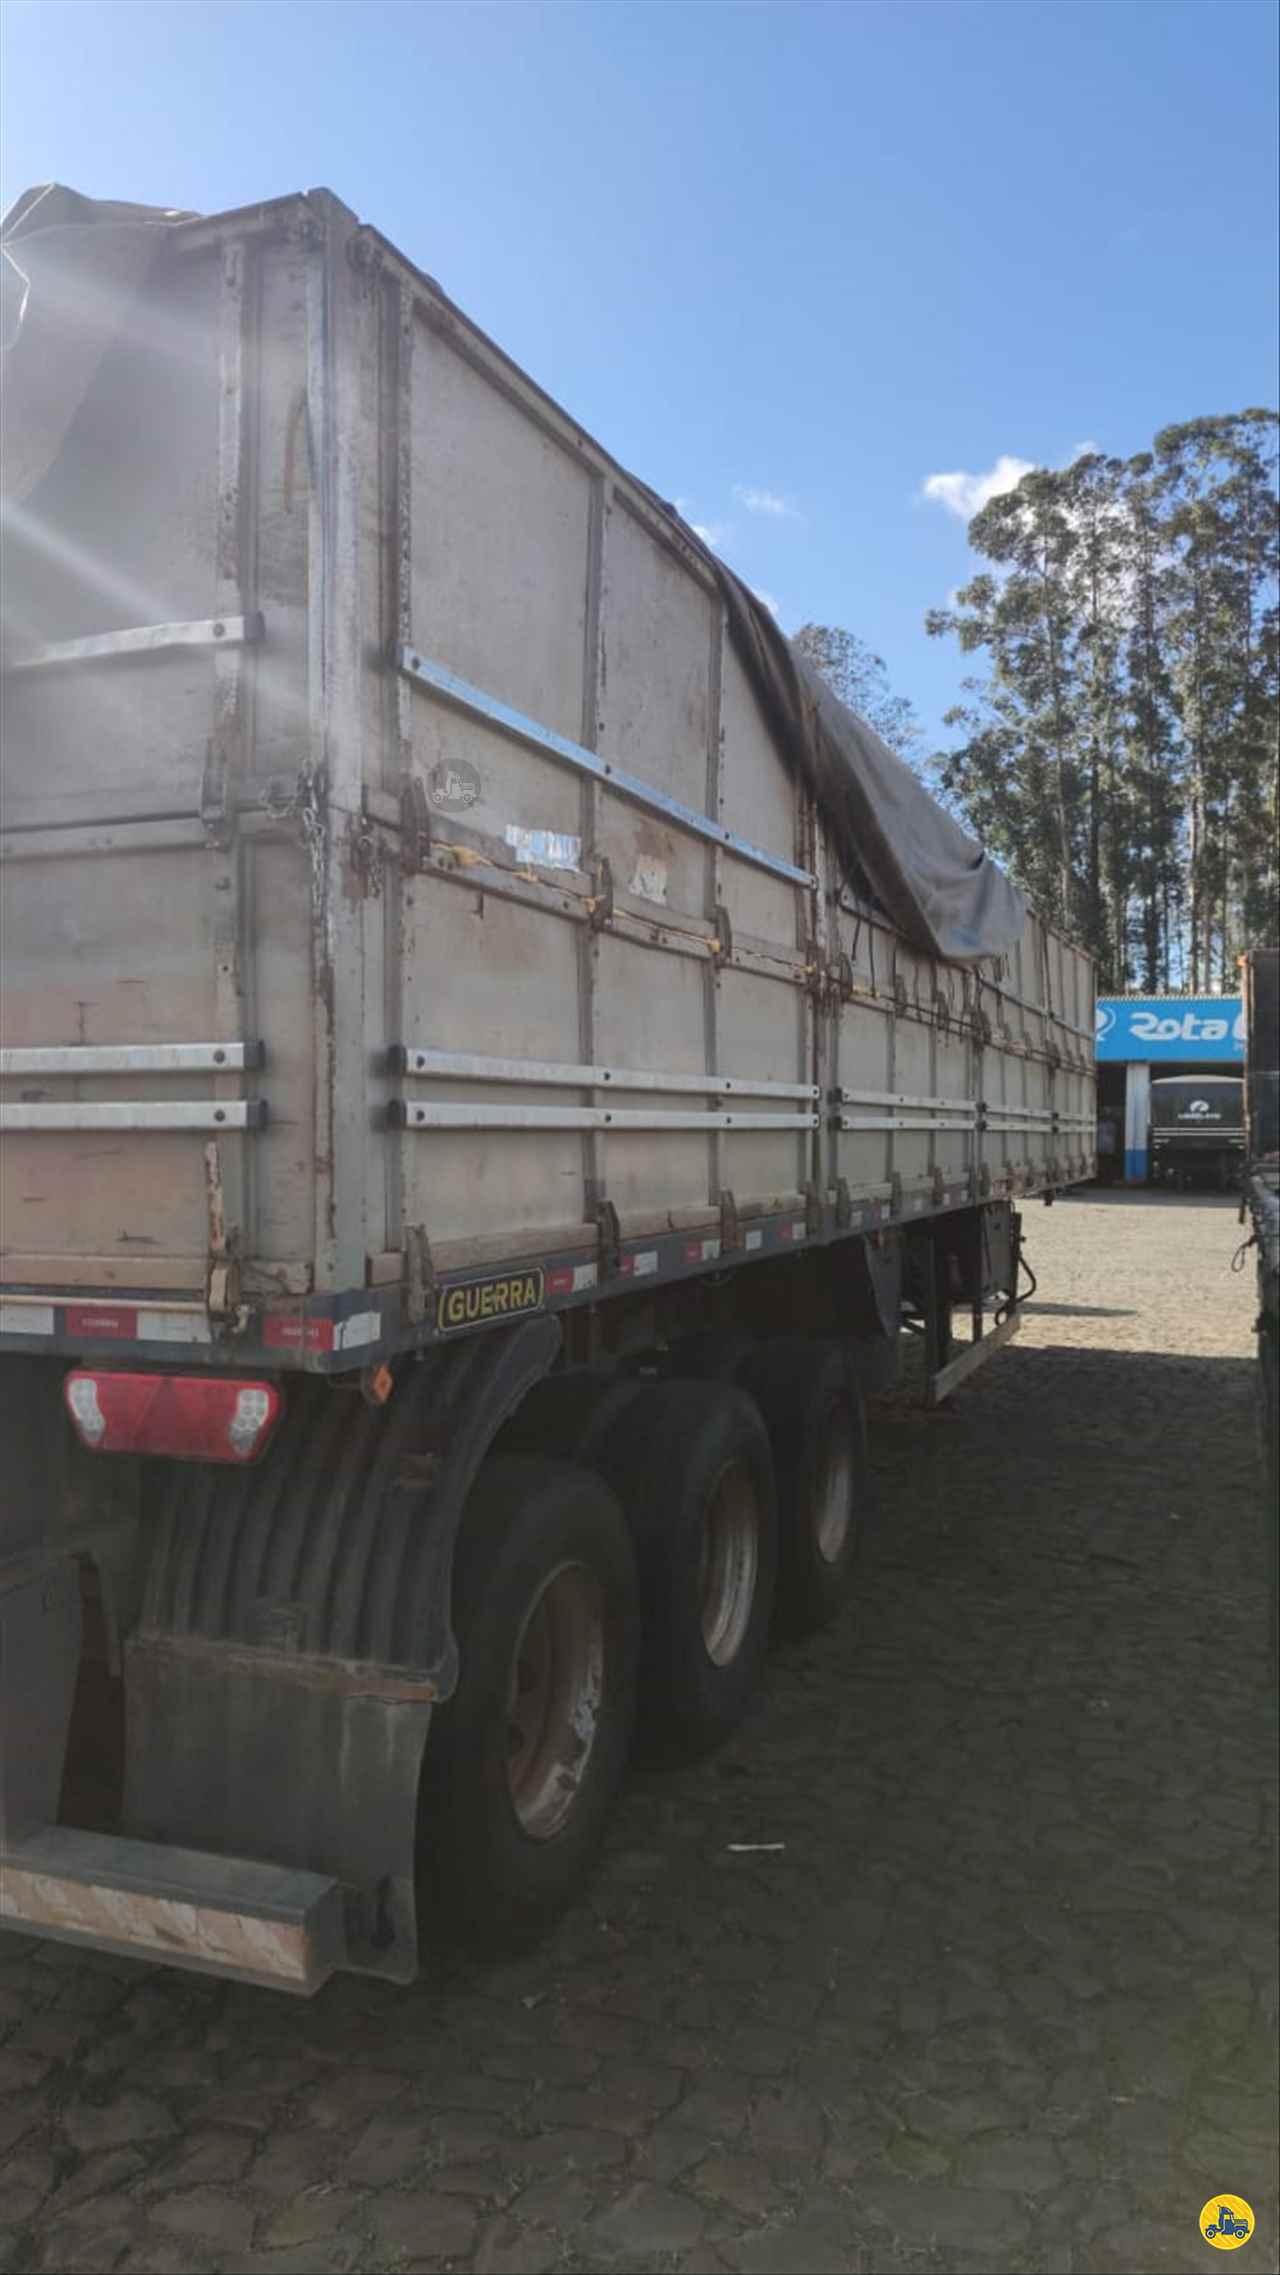 GRANELEIRO de Transmap Caminhões - SANTA ROSA/RS